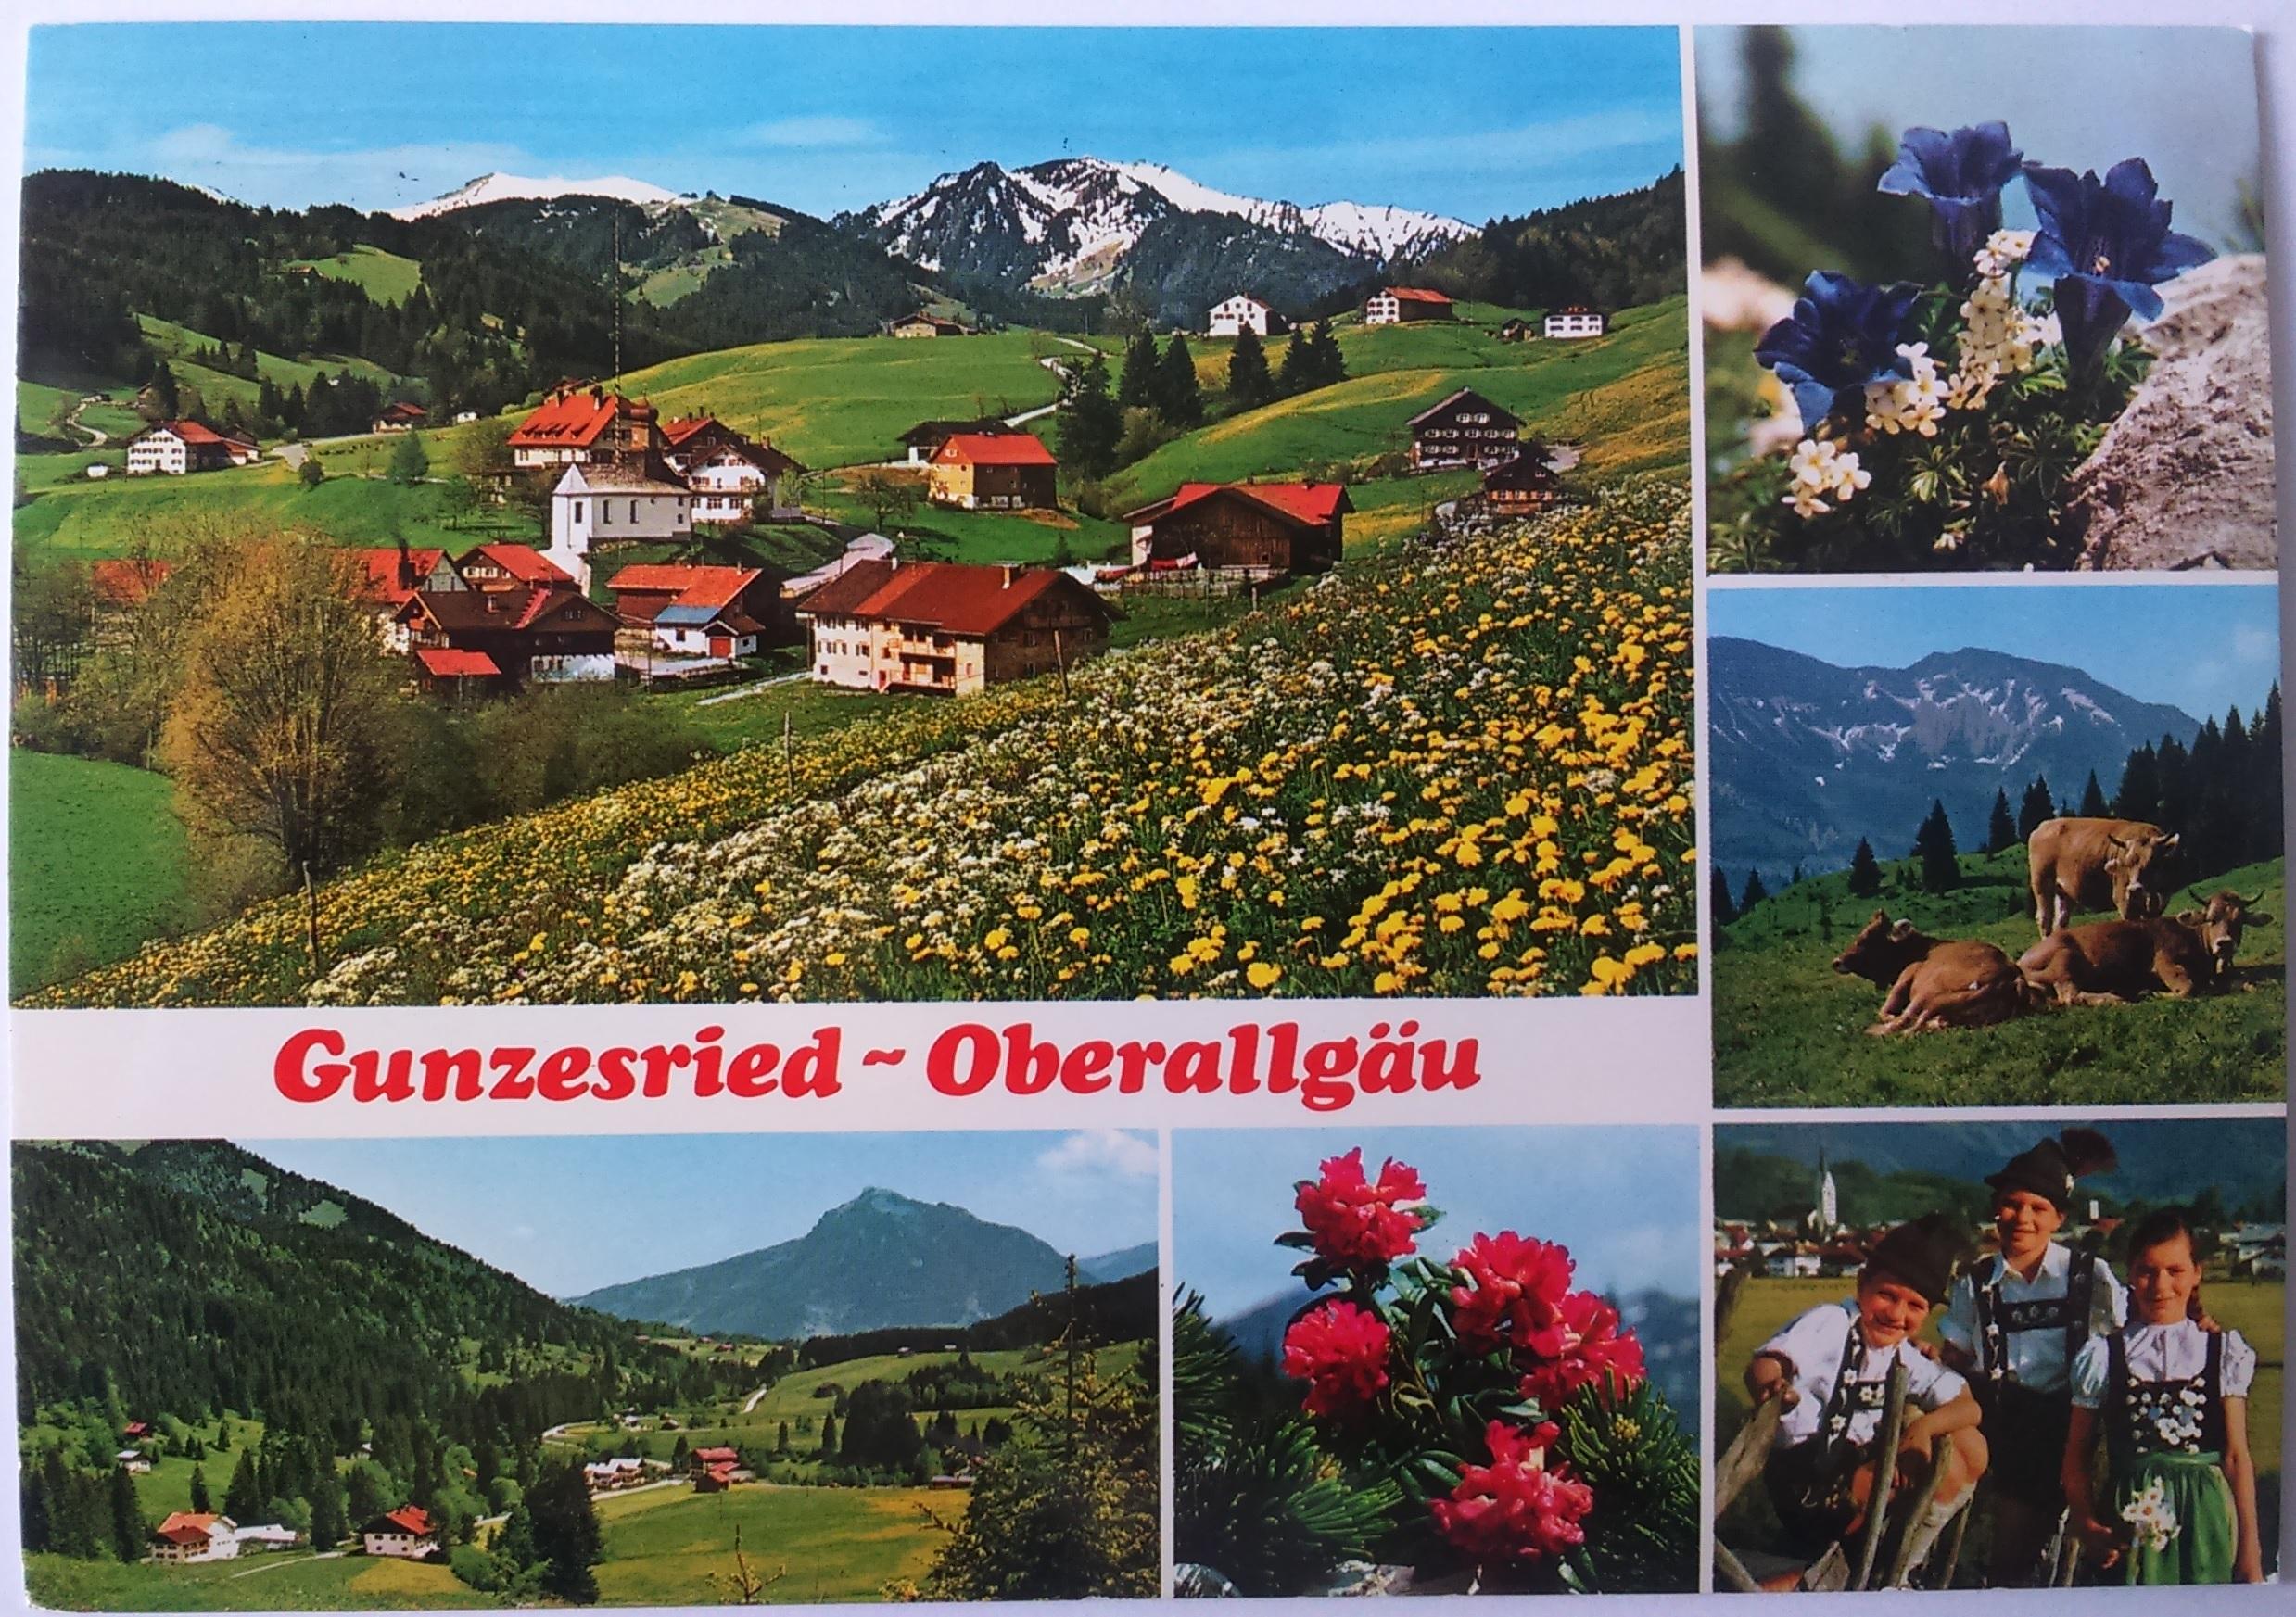 Gunzesried - Oberallgäu (24.08.1986) Immenstadt im Allgäu front